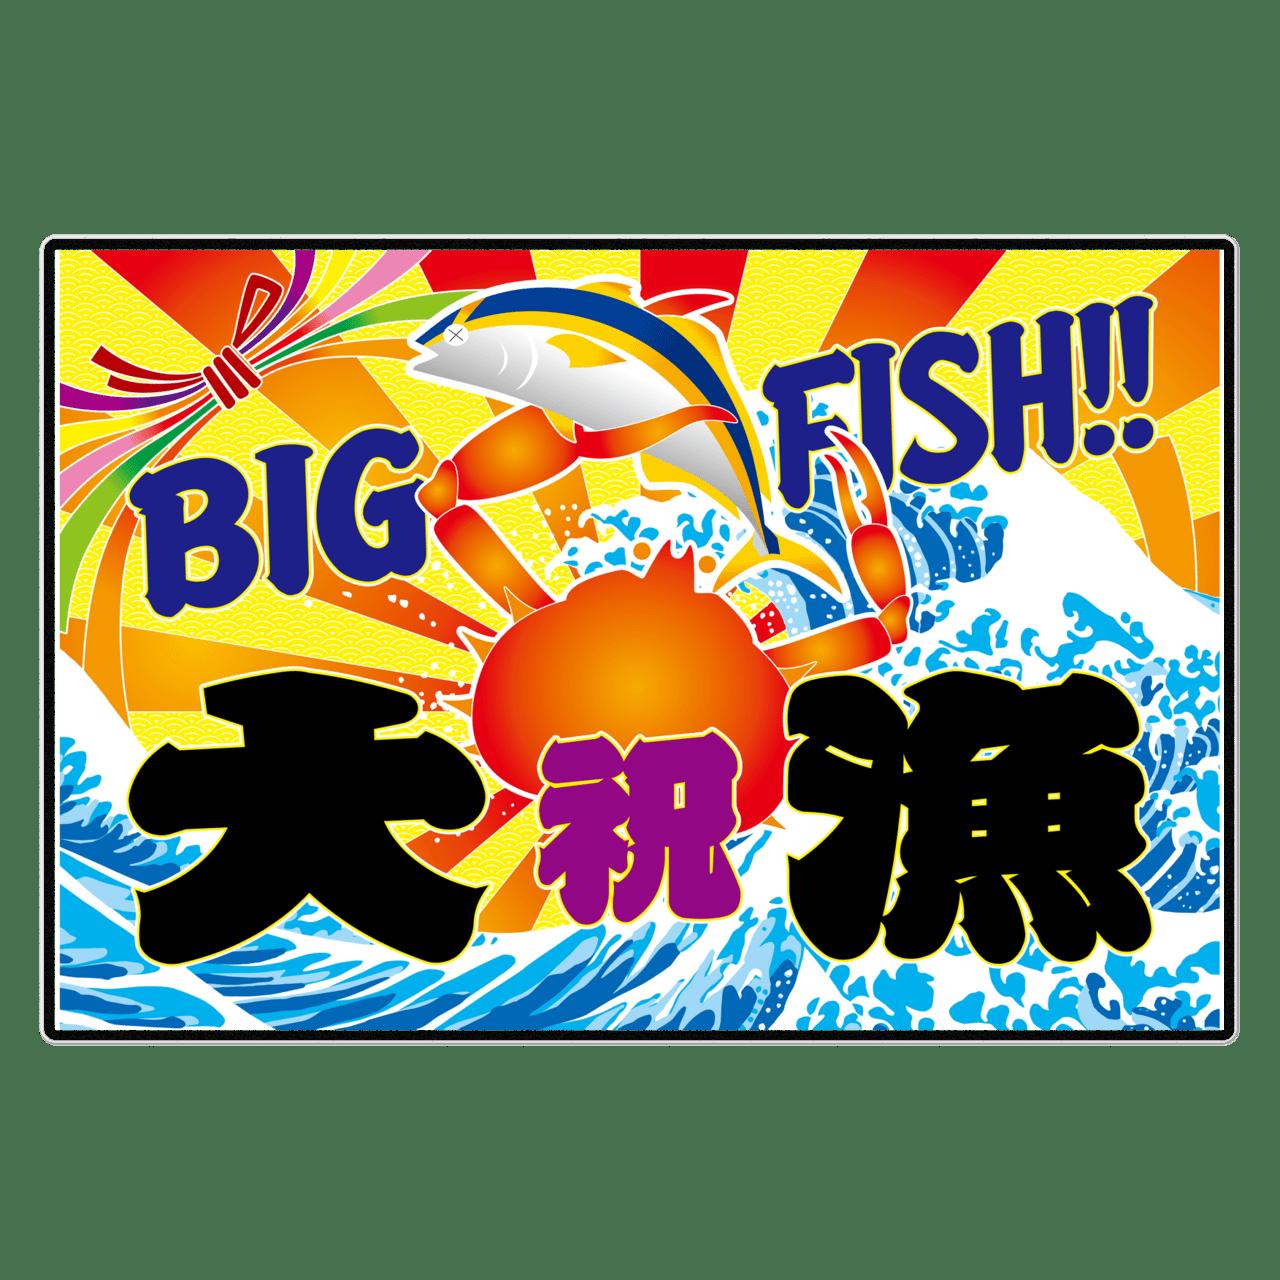 ハンターボートで沖縄カンパチジギング